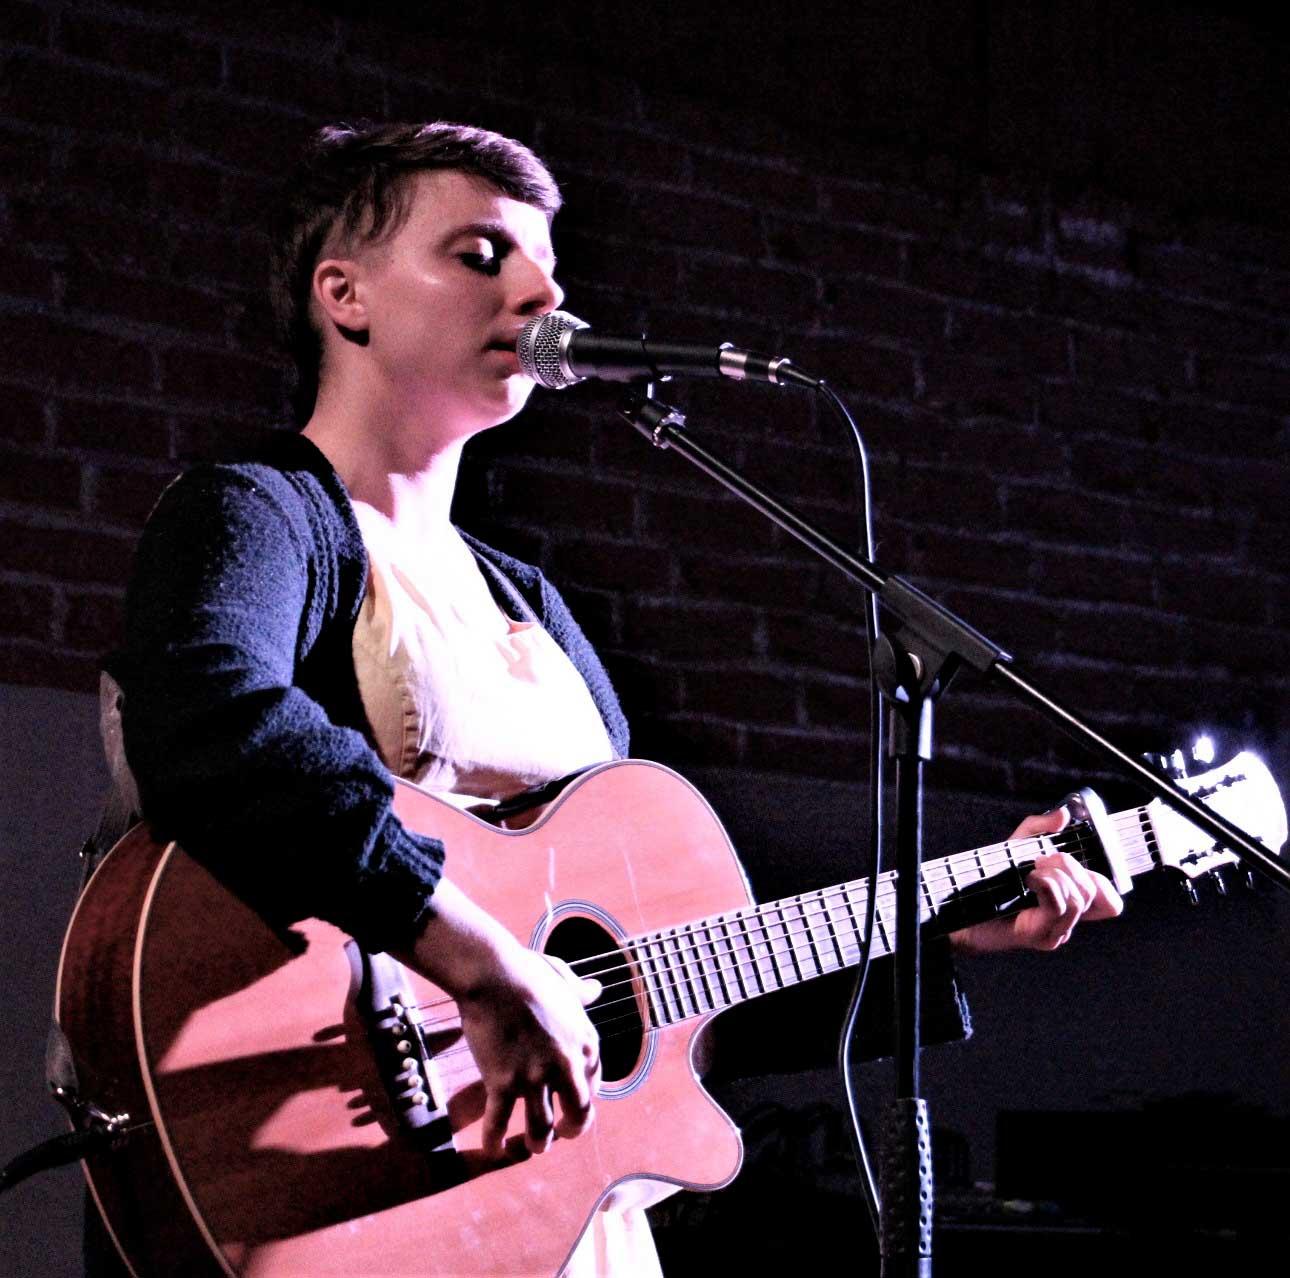 Malgorzata KASPRZYCKA chanteuse